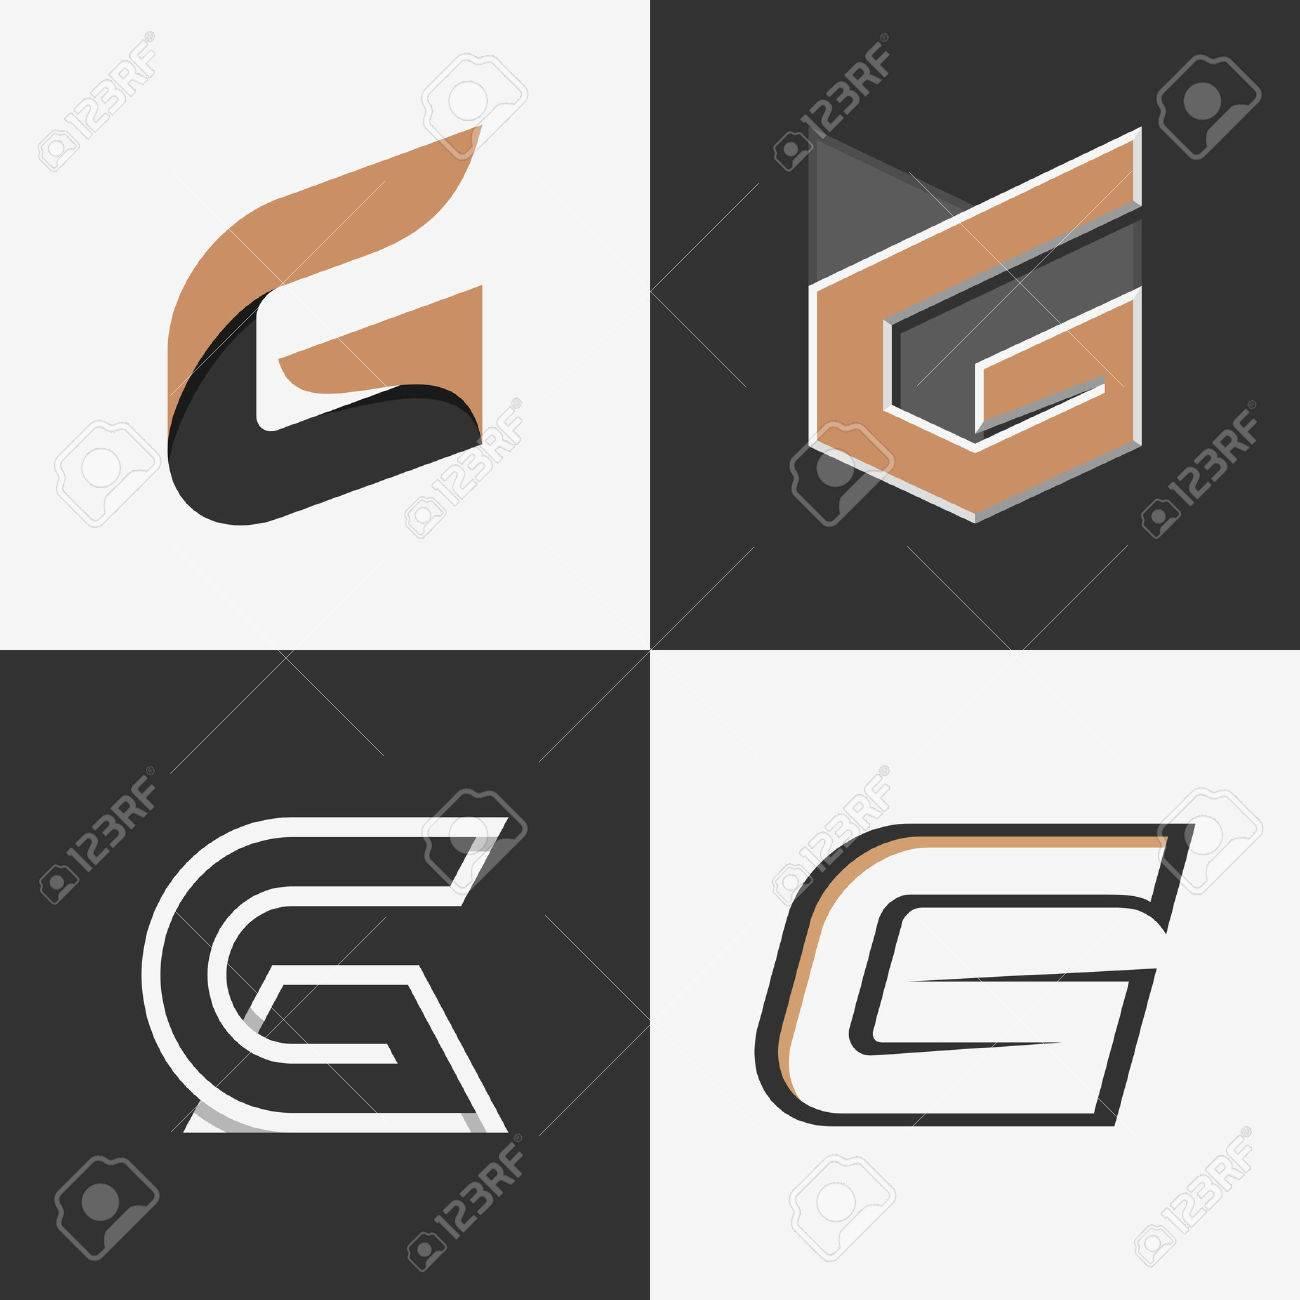 El Conjunto De Signos Letras G, Logotipos, Plantillas De Diseño ...